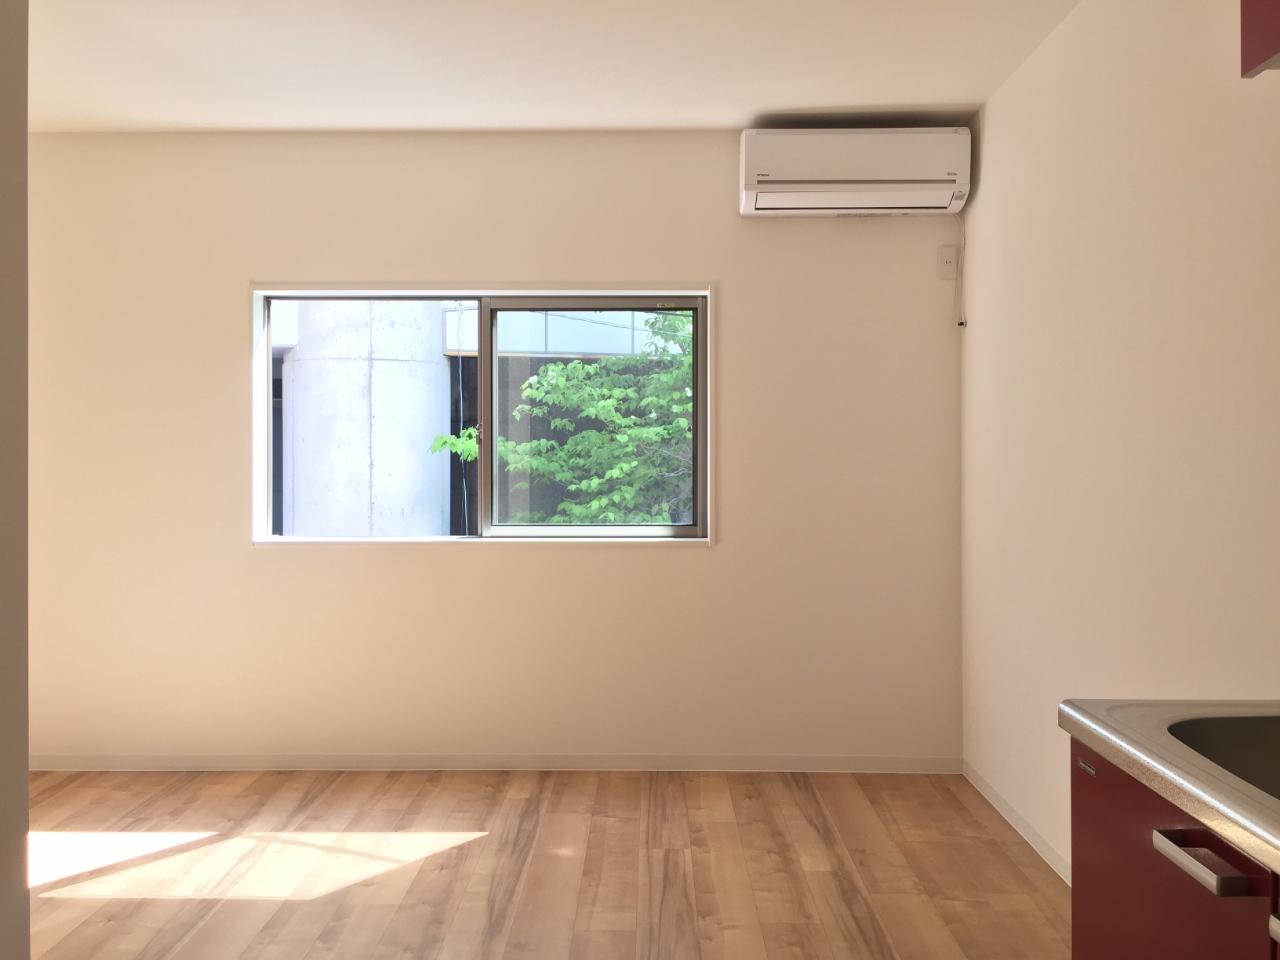 2階のダイニングキッチンは8畳あります。ここは自分のリラックススペースに。ダイニングテーブルとソファ、テレビなどを配置してはいかがでしょう。小さな窓からは緑がちらりと見えて、いい感じ。